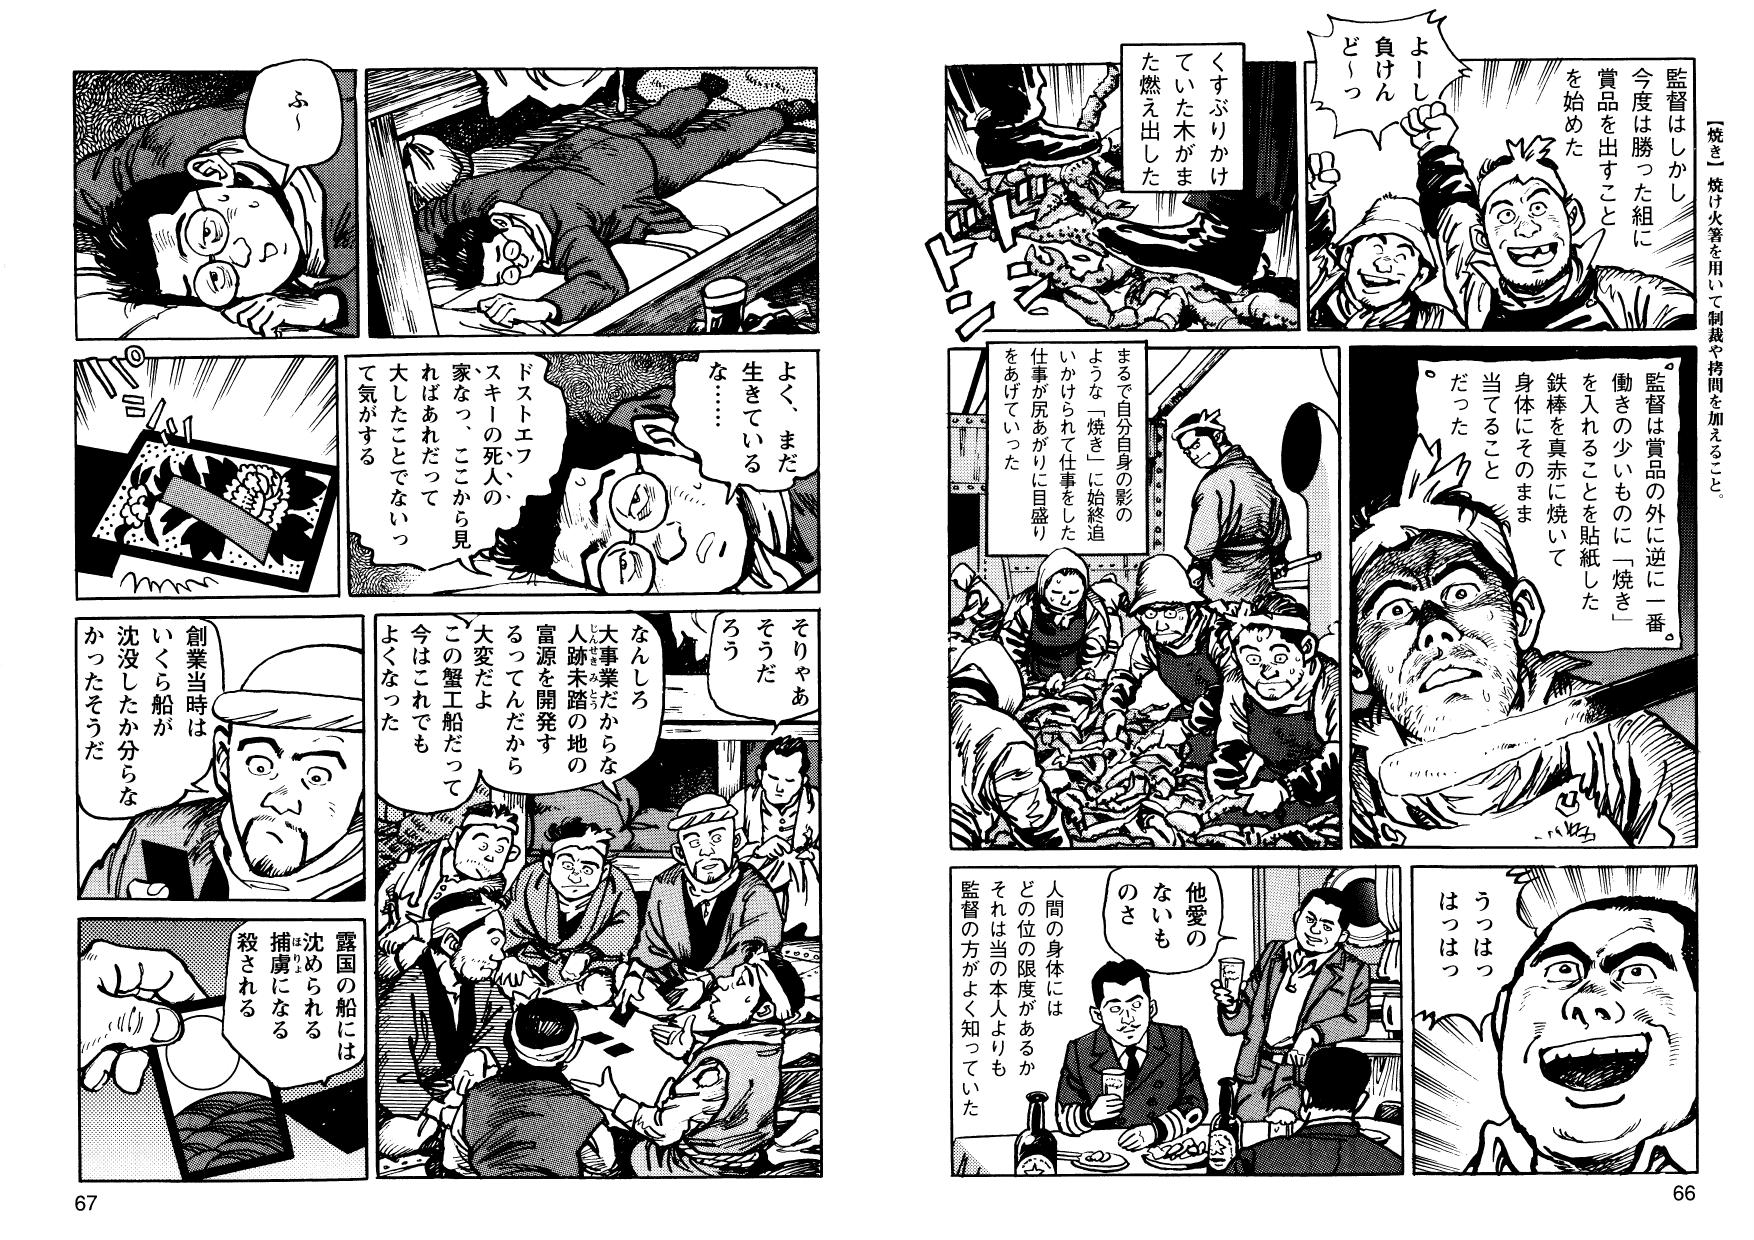 kani_cmc_000034.jpg